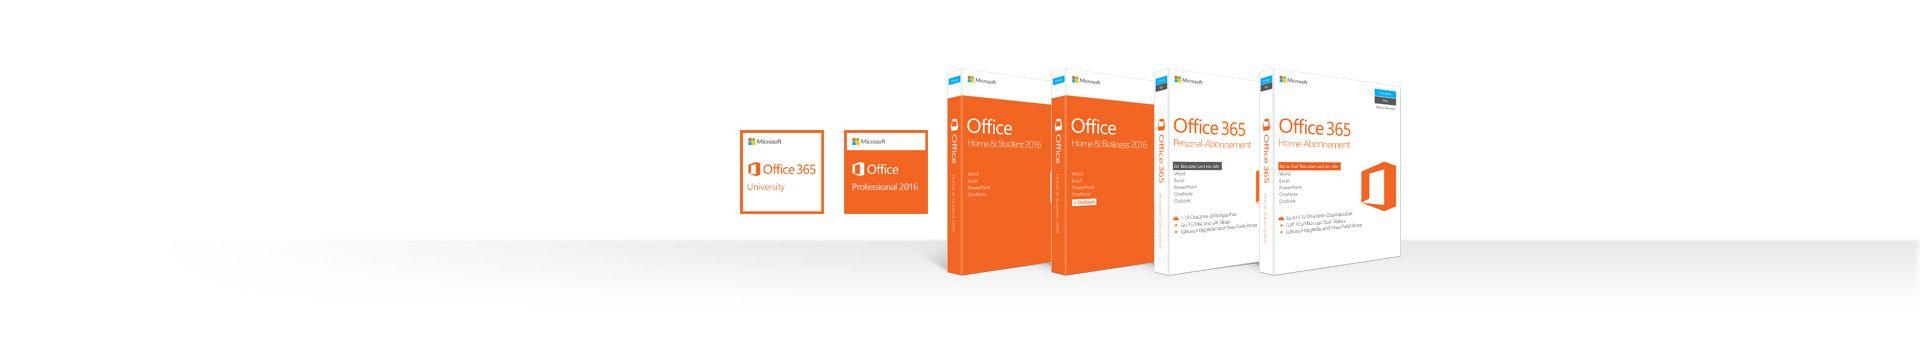 Eine Reihe von Feldern, die für Office-Abonnements und eigenständige Produkte für PC stehen